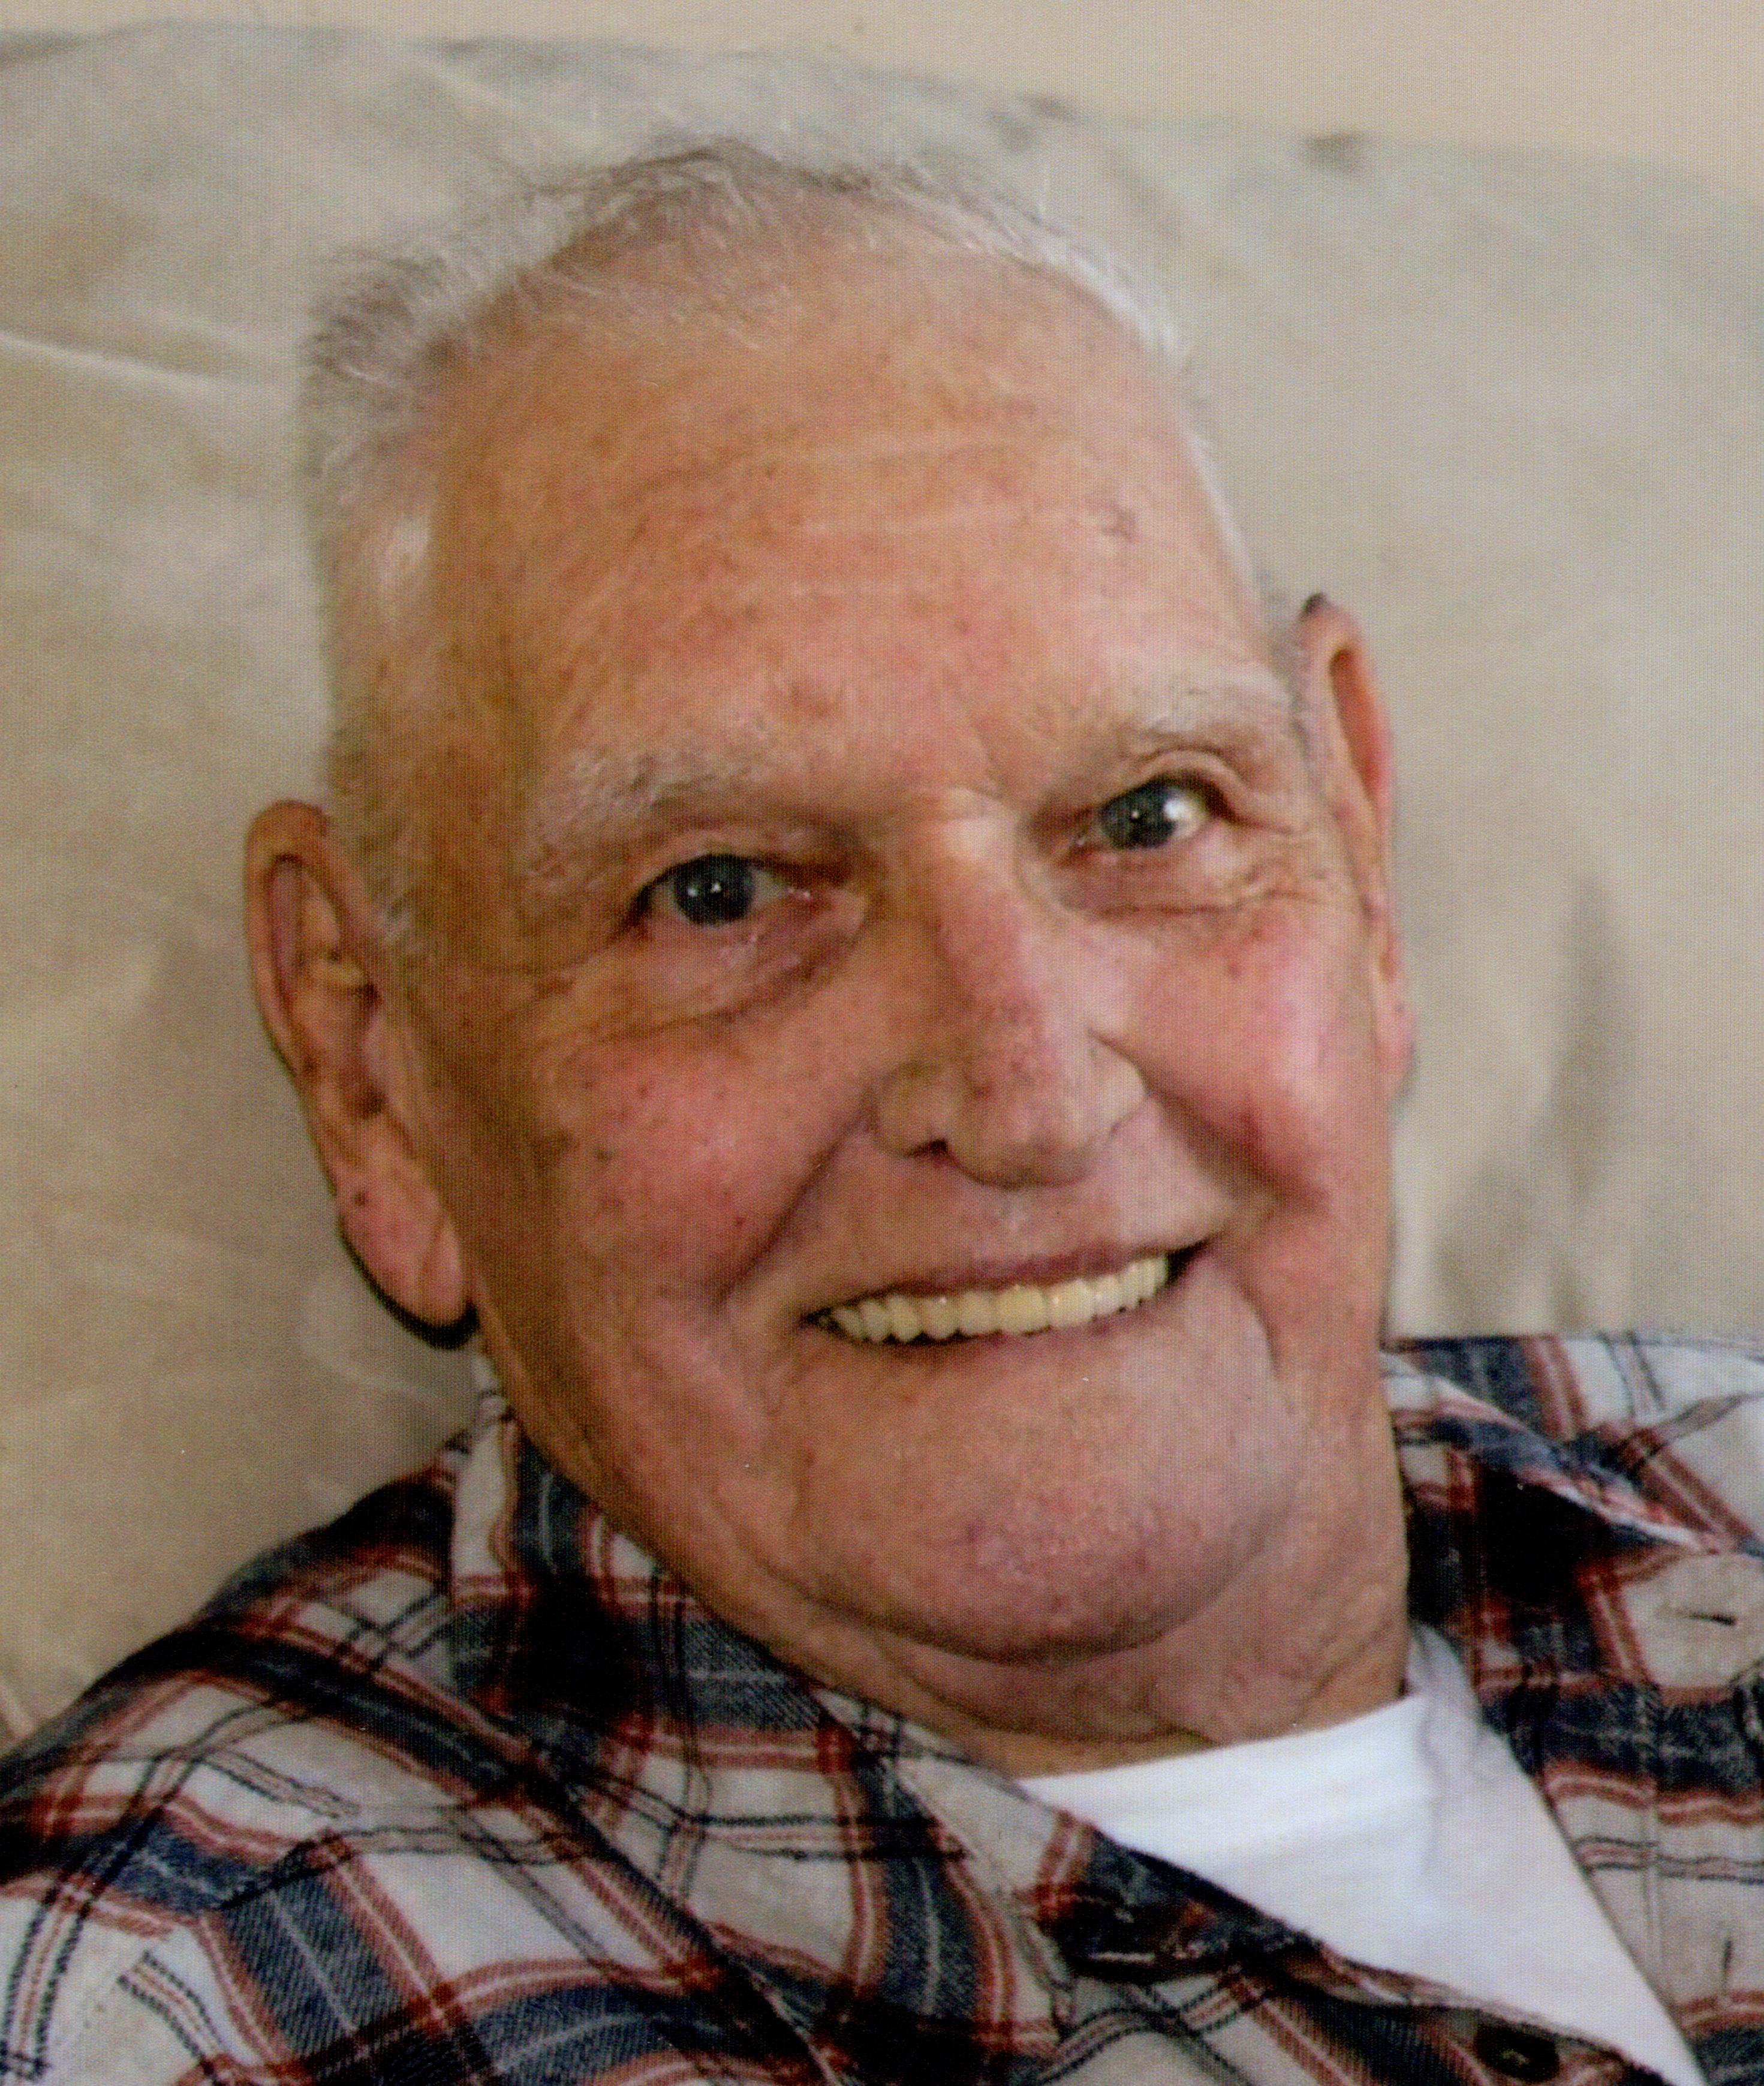 Wayne Gunderson  dies in Pennsylvania